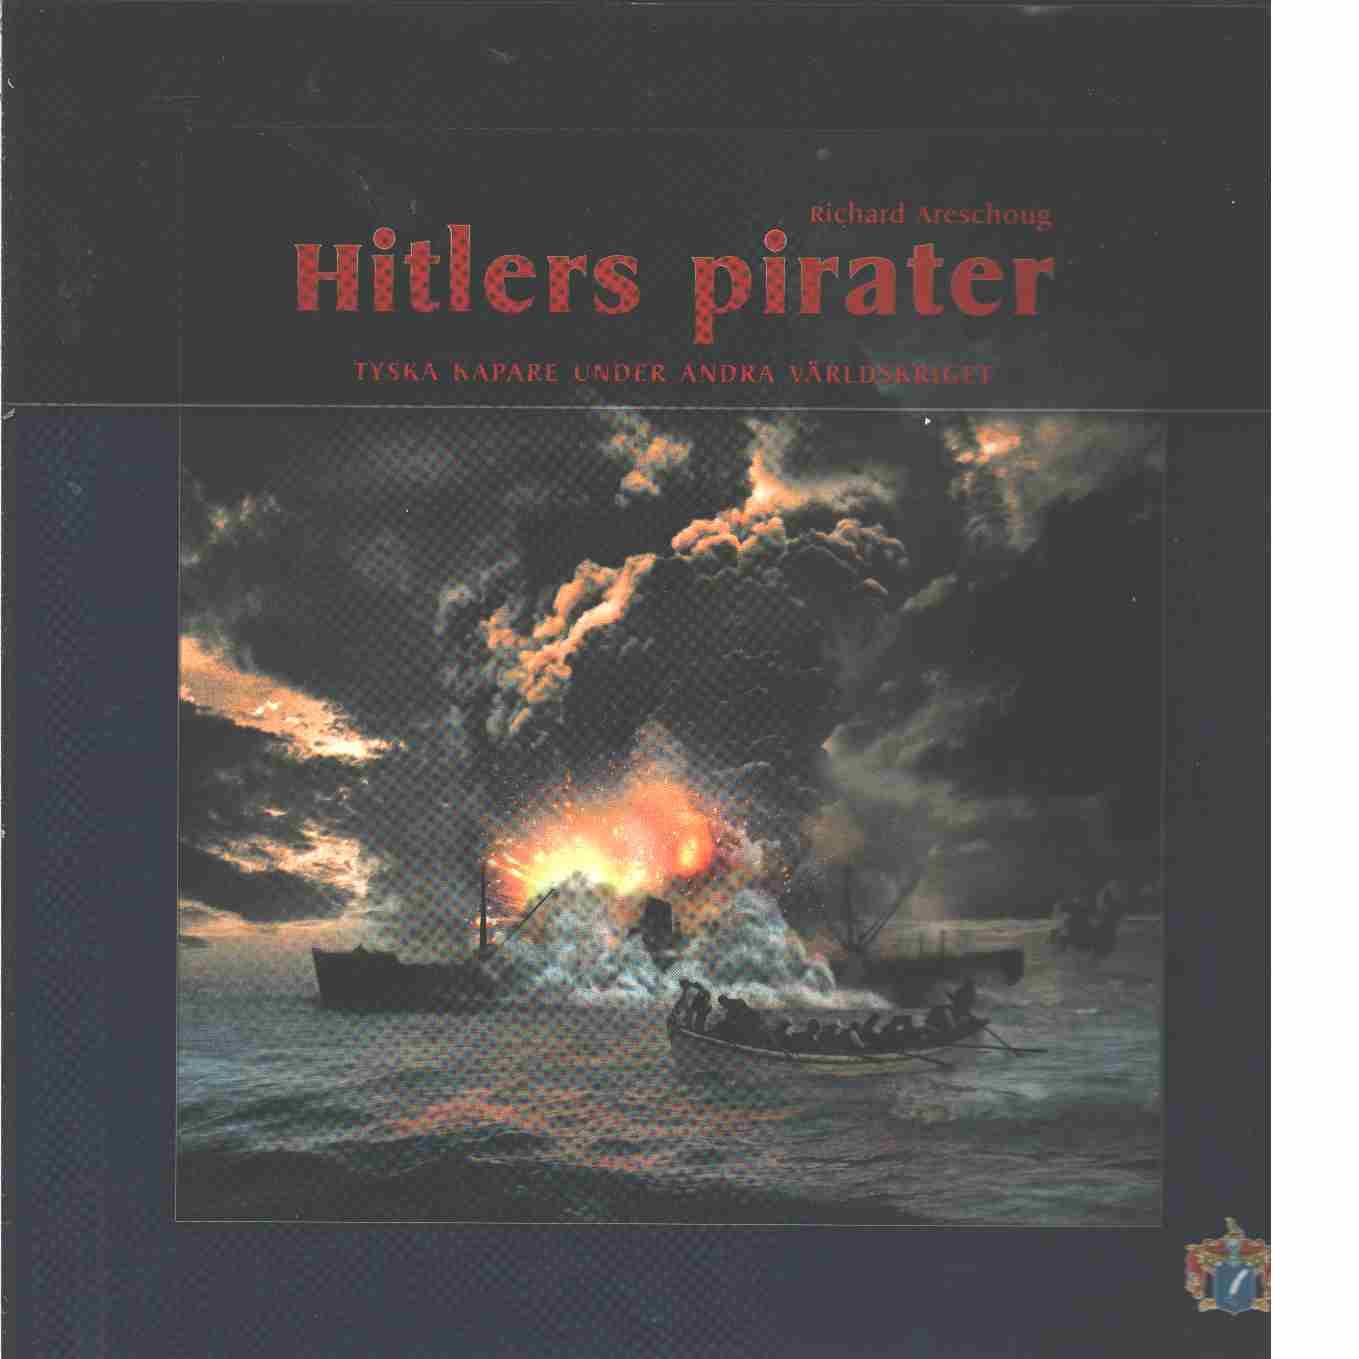 Hitlers pirater : tyska kapare under andra världskriget - Areschoug, Richard